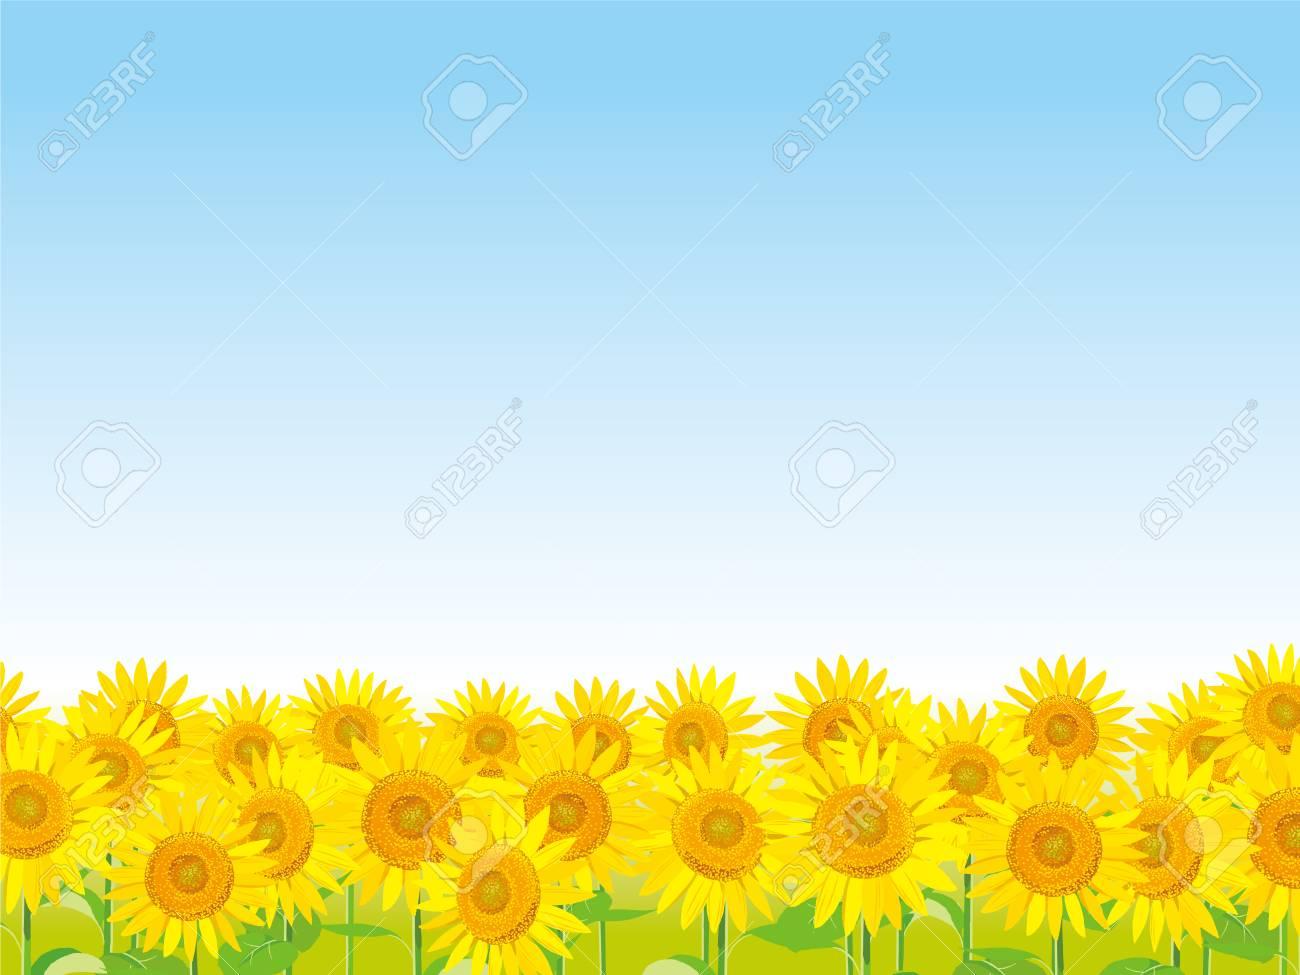 ベクトル イラスト 壁紙と背景ひまわりの庭と空を景色します 夏挨拶を のイラスト素材 ベクタ Image 8065